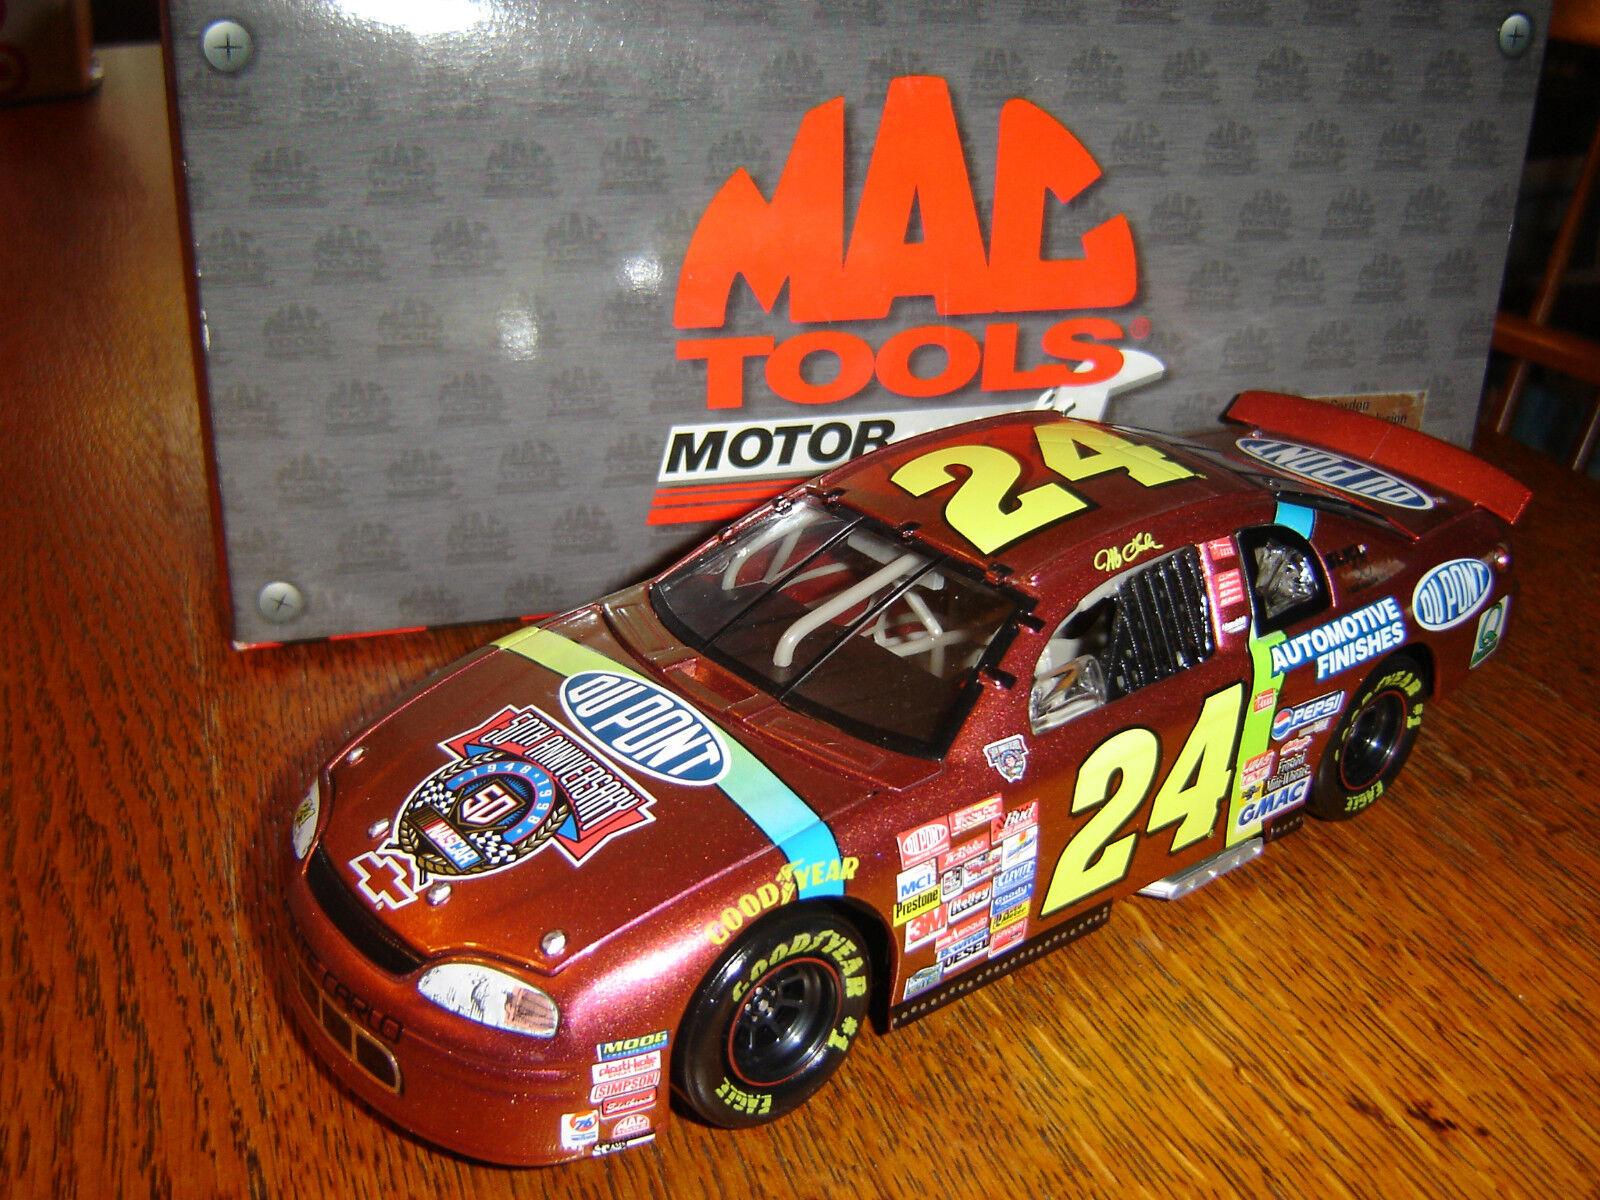 cómodo  24 Jeff Jeff Jeff Gordon 1998 Dupont chromalusion por Mac herramientas MotorDeporte acción 1 24  la mejor selección de